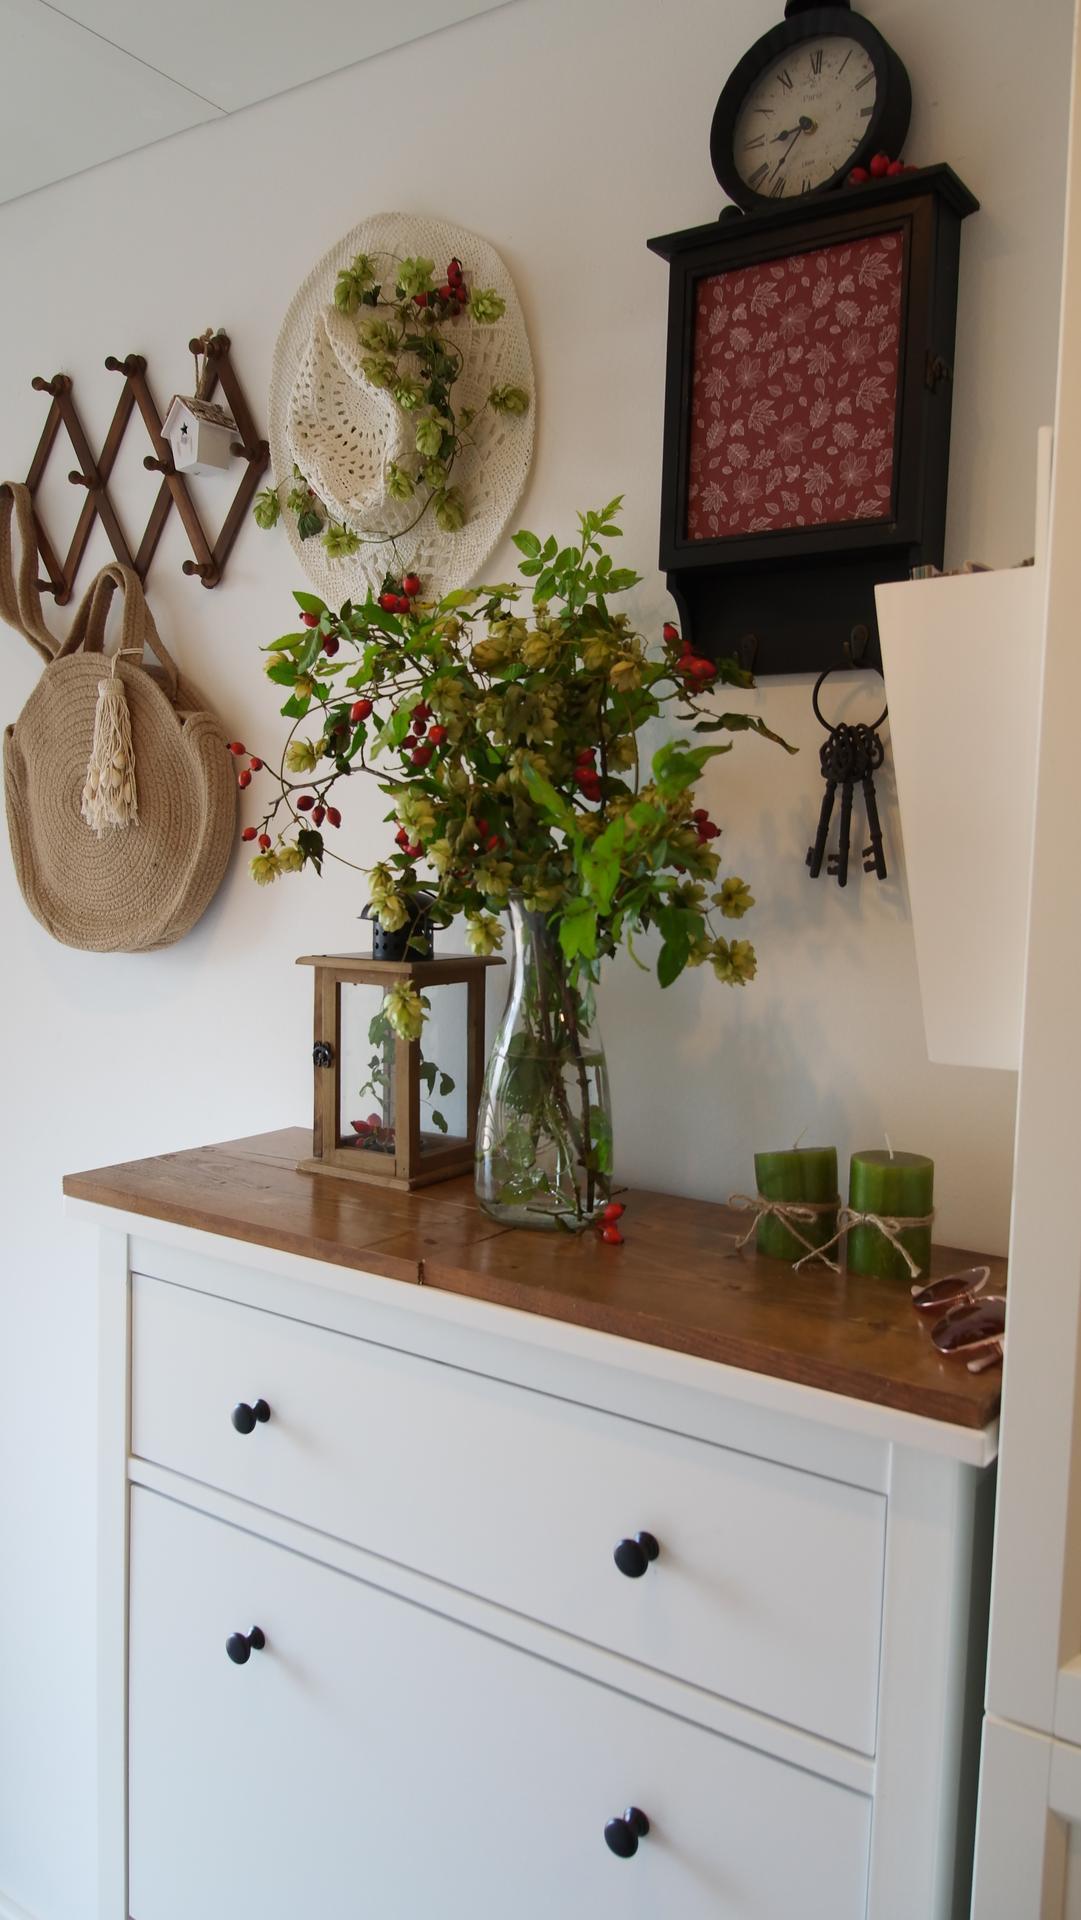 Náš domček ♡ Bramasole ♡ ... Stilo interiér aj exteriér 4. rok bývania - Obrázok č. 175